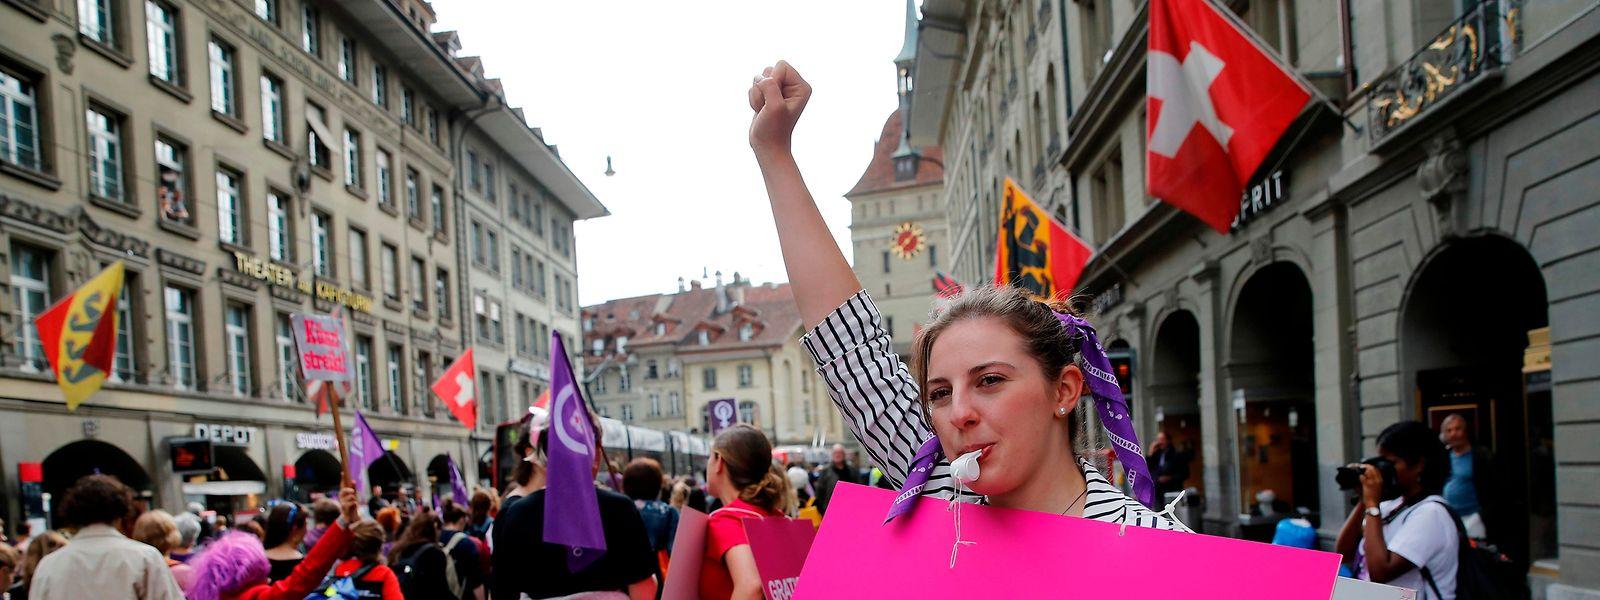 Bei einem landesweiten Streik setzten sich die Schweizerinnen im Juni 2019 unter anderem für gleiche Bezahlung ein.